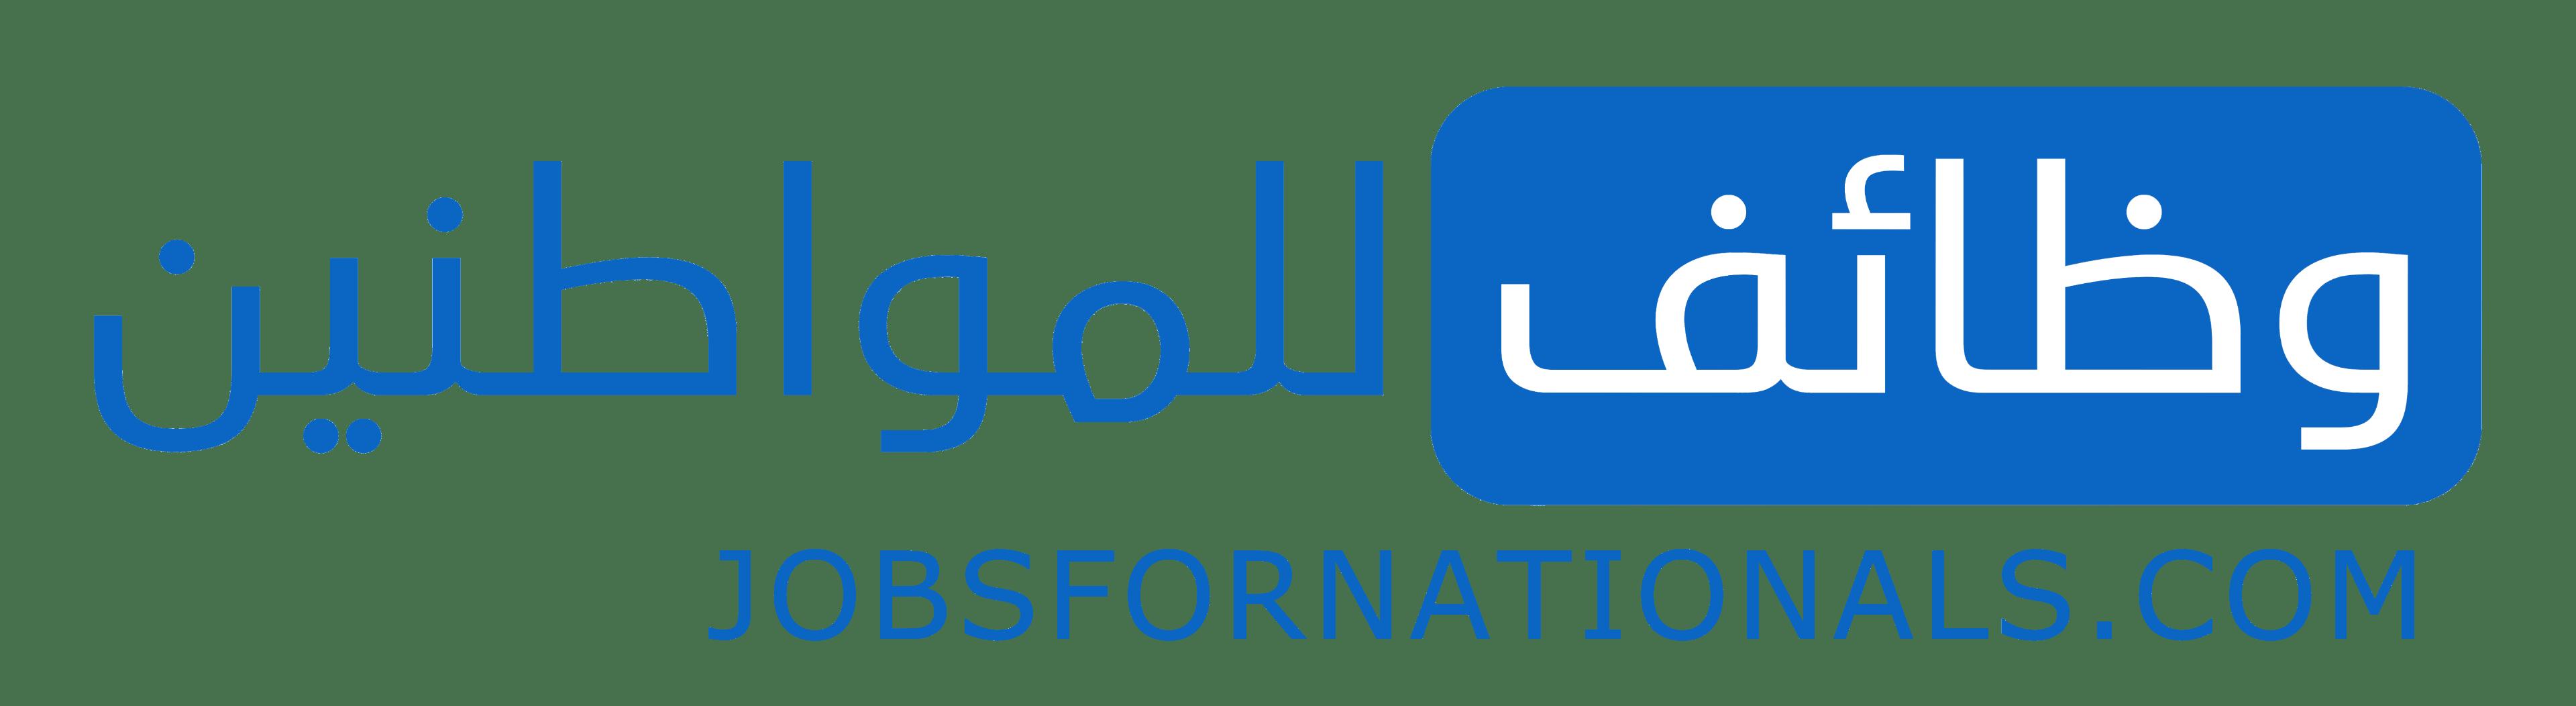 JobsForNationals.com | وظائف للمواطنين